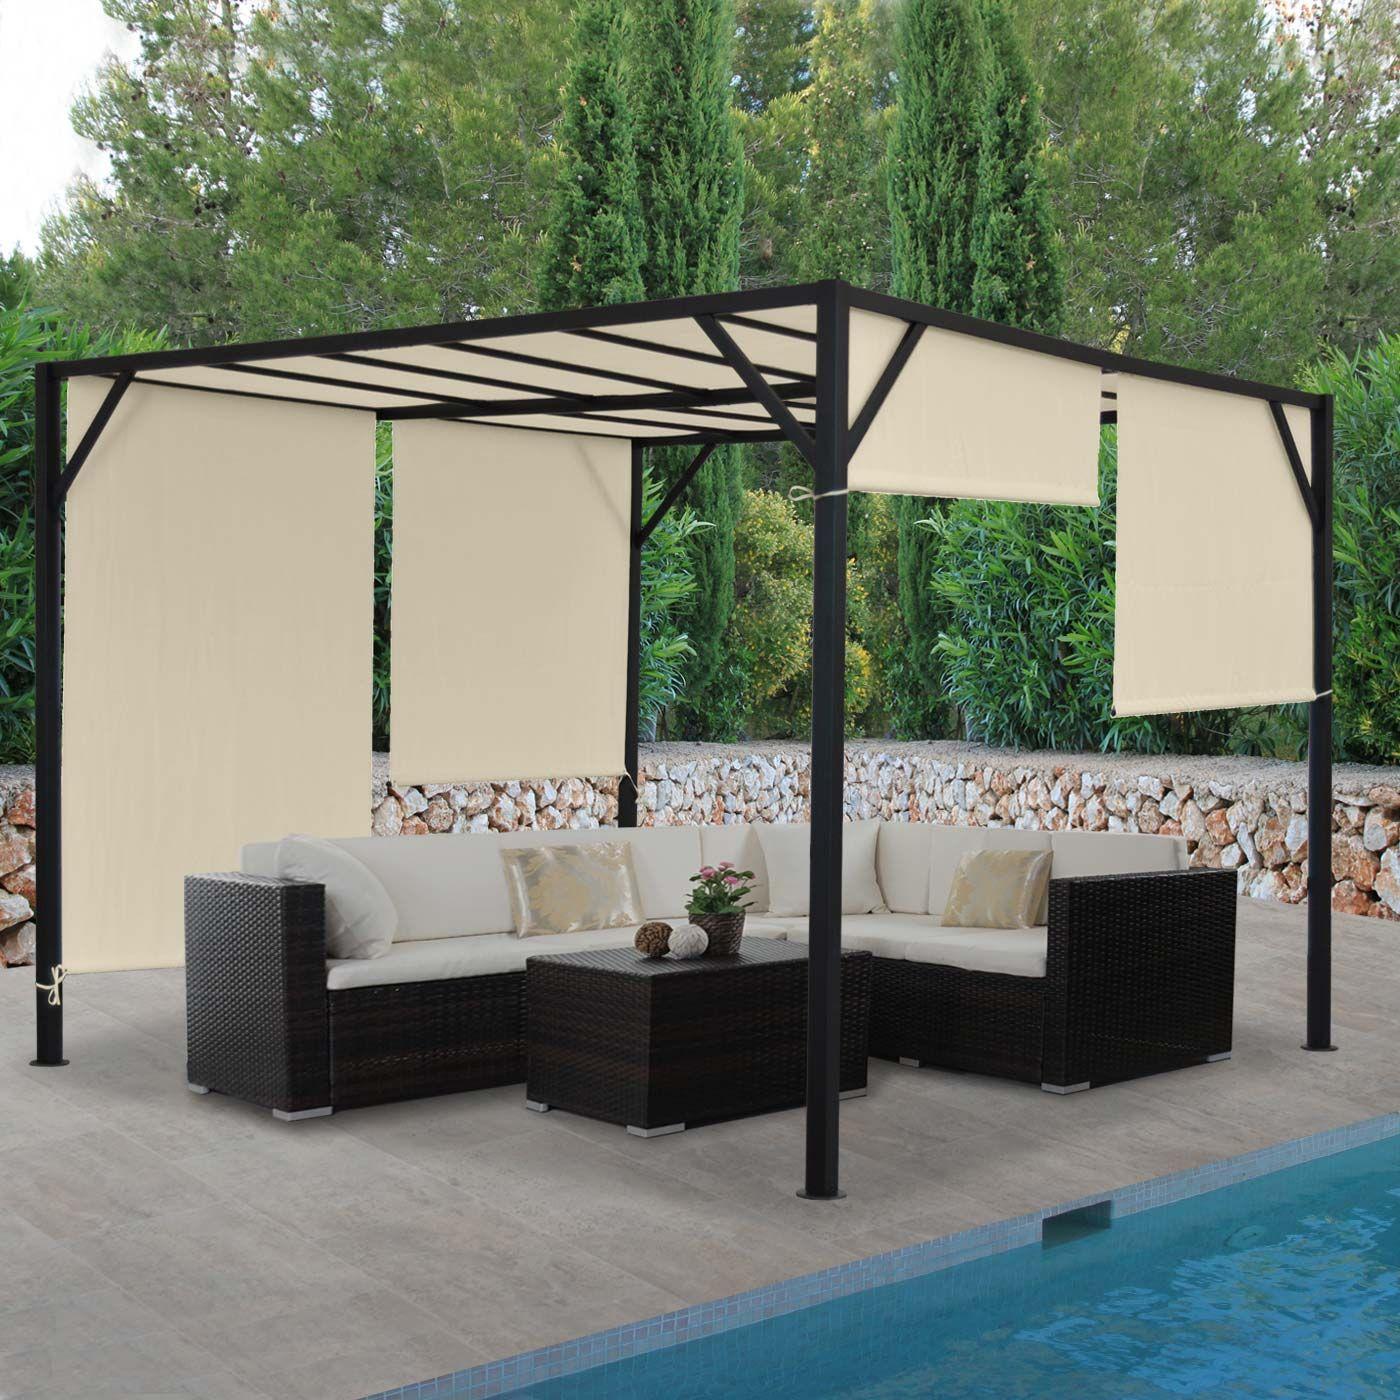 Fresh Pergola Baia Garten Pavillon Terrassen berdachung stabiles cm Stahl Gestell Schiebedach